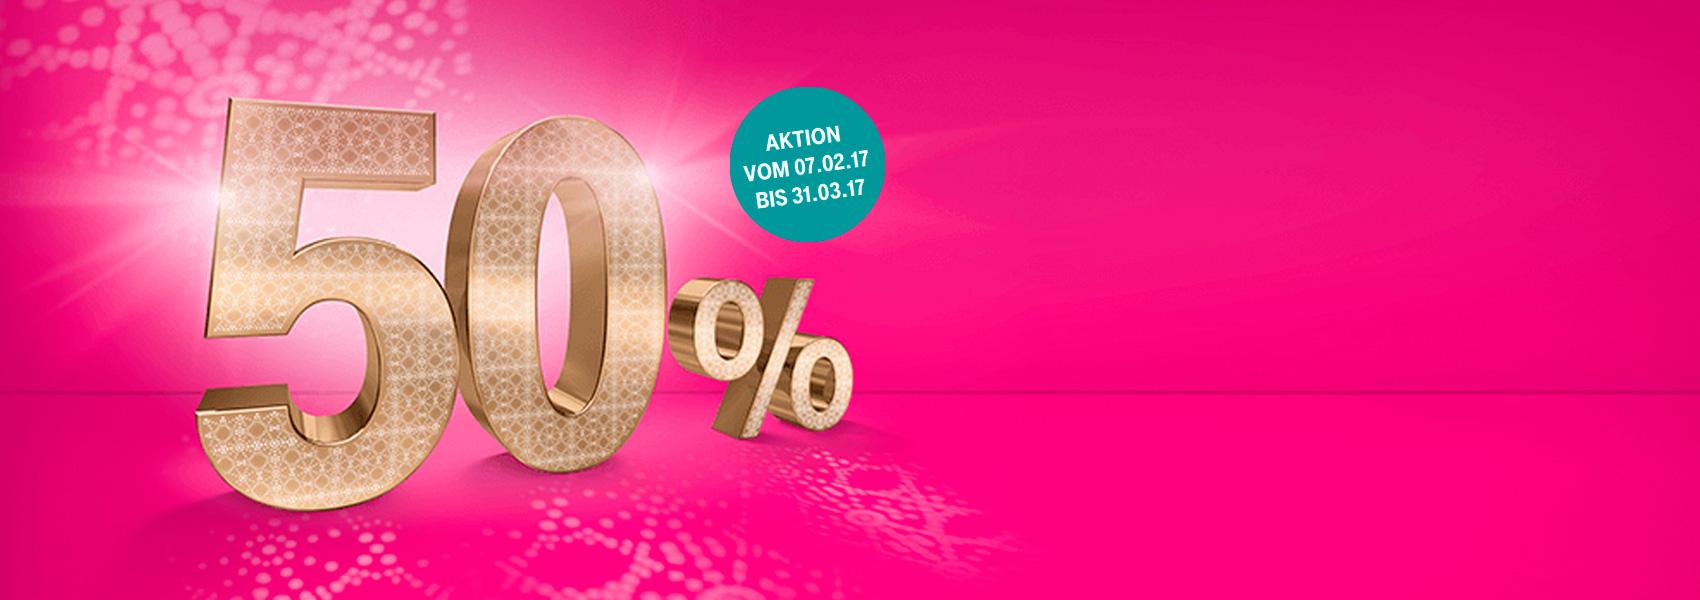 Payback Punkte Bei Telekom Sichern